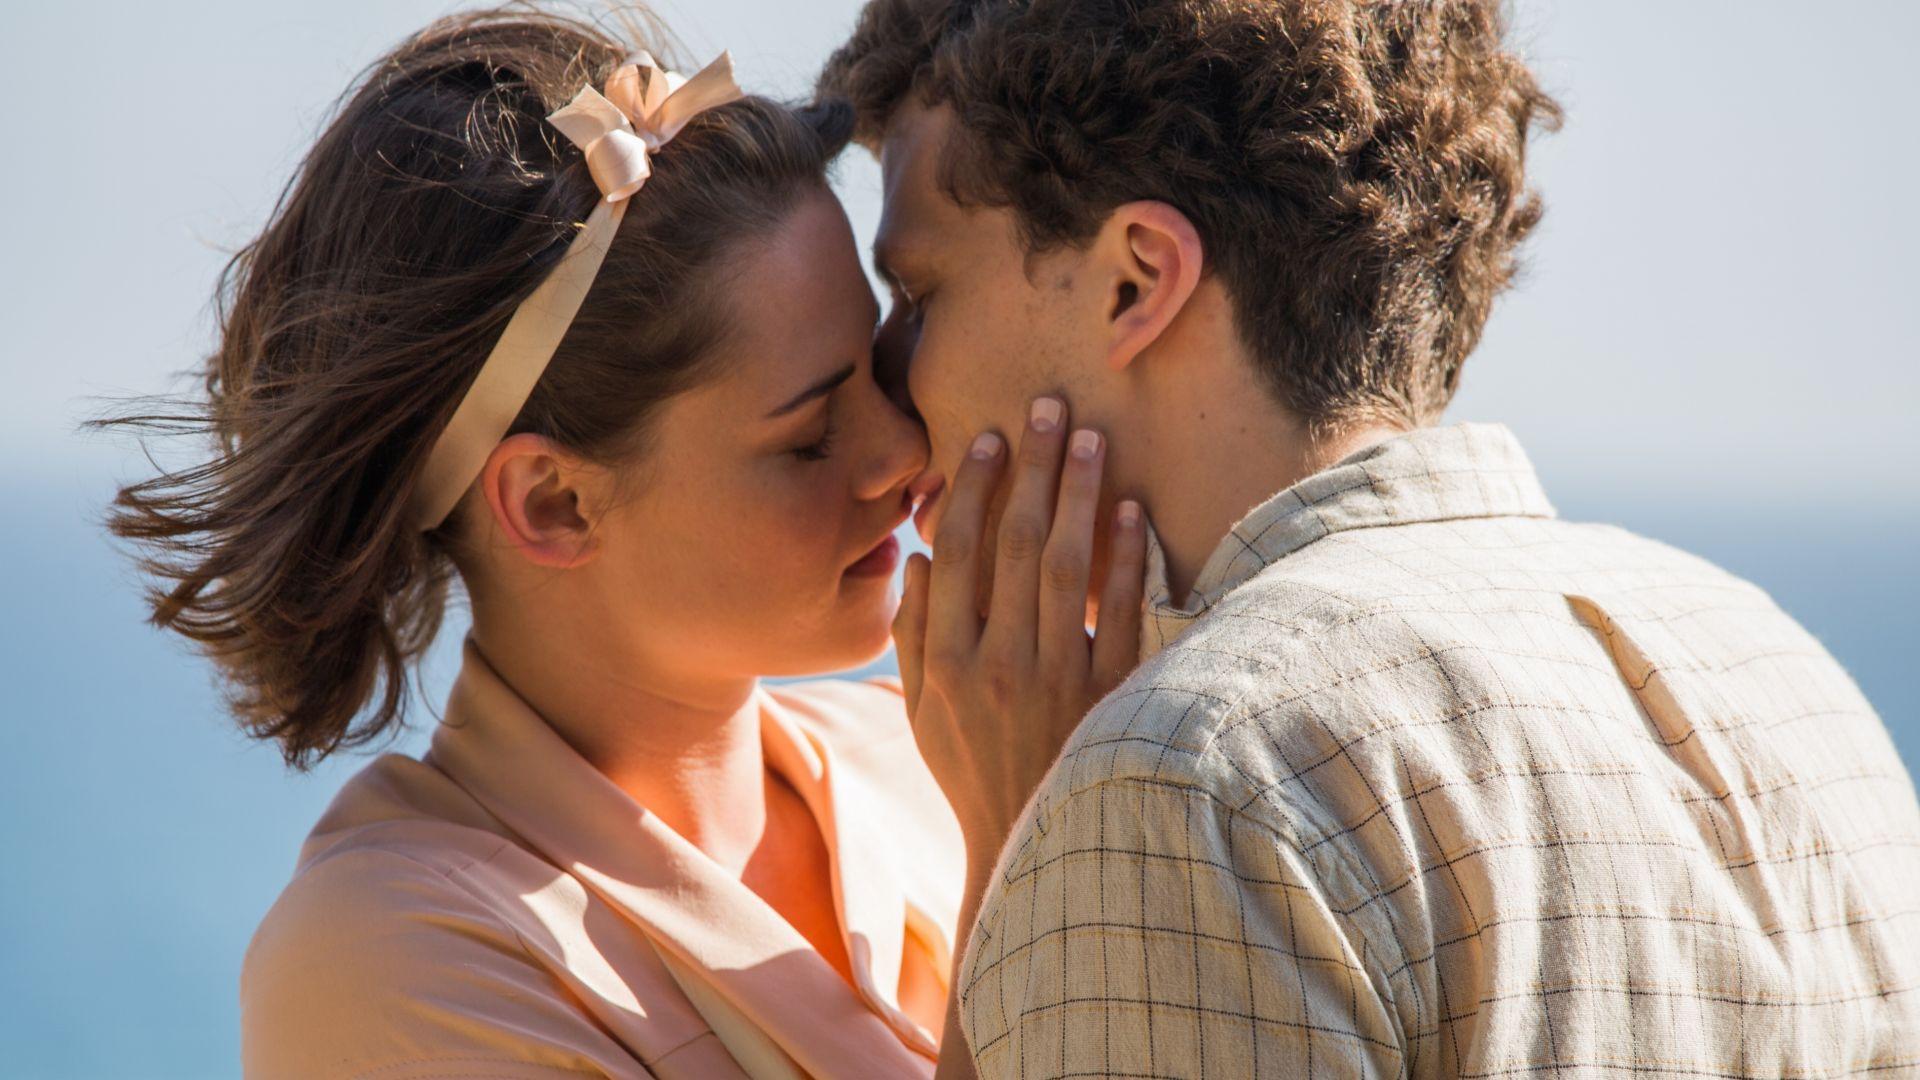 эффект сияния, фотография поцелуй жизни эти молодые